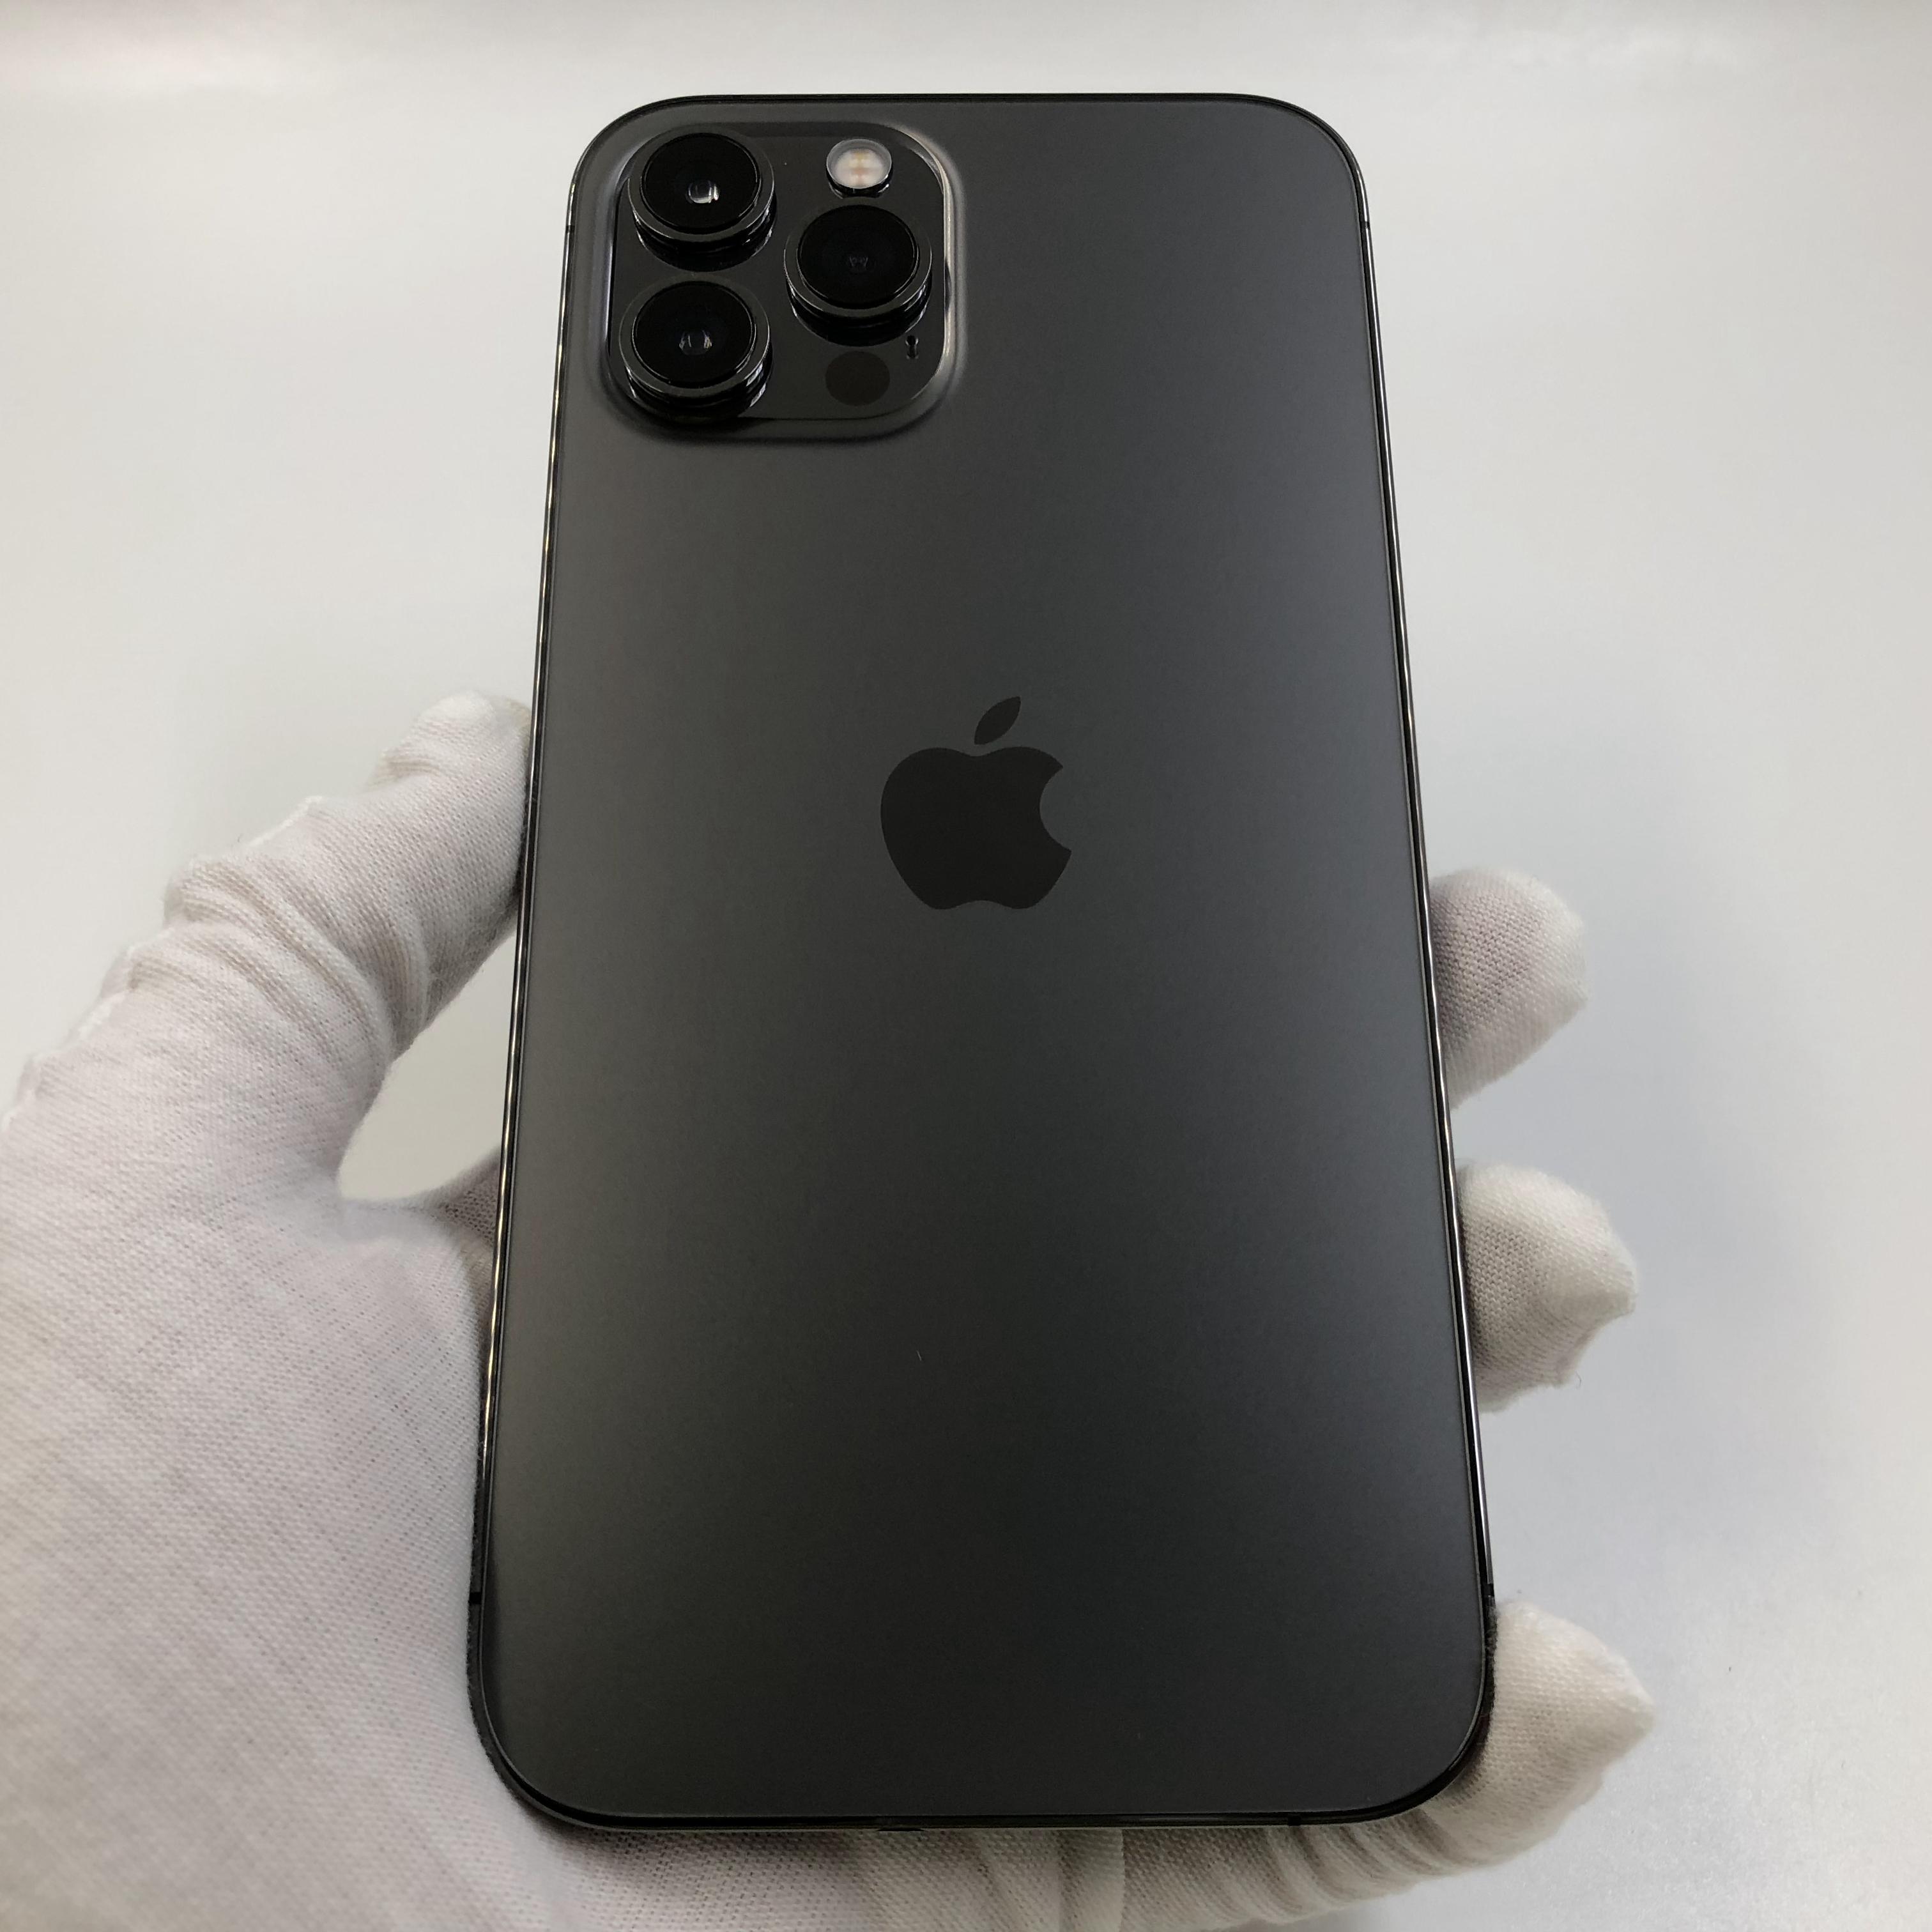 苹果【iPhone 12 Pro Max】5G全网通 石墨色 256G 国行 99新 真机实拍官保2021-11-27